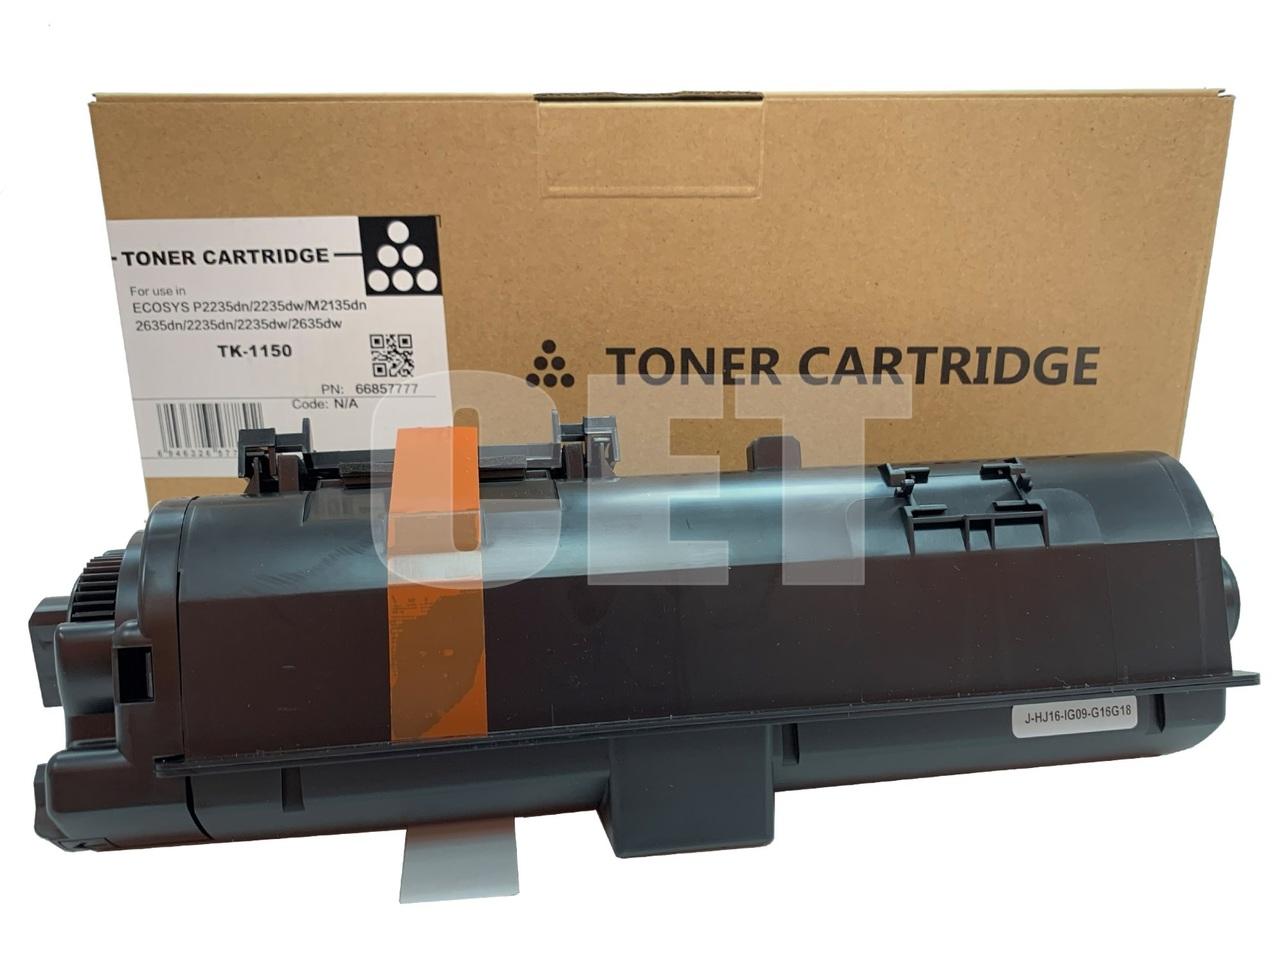 Тонер-картридж (PK9, без чипа) TK-1150 для KYOCERAECOSYS M2135dn/M2635dn/P2235dn/P2635dw/P2735dw (CET),140г, 3000 стр., CET66857777